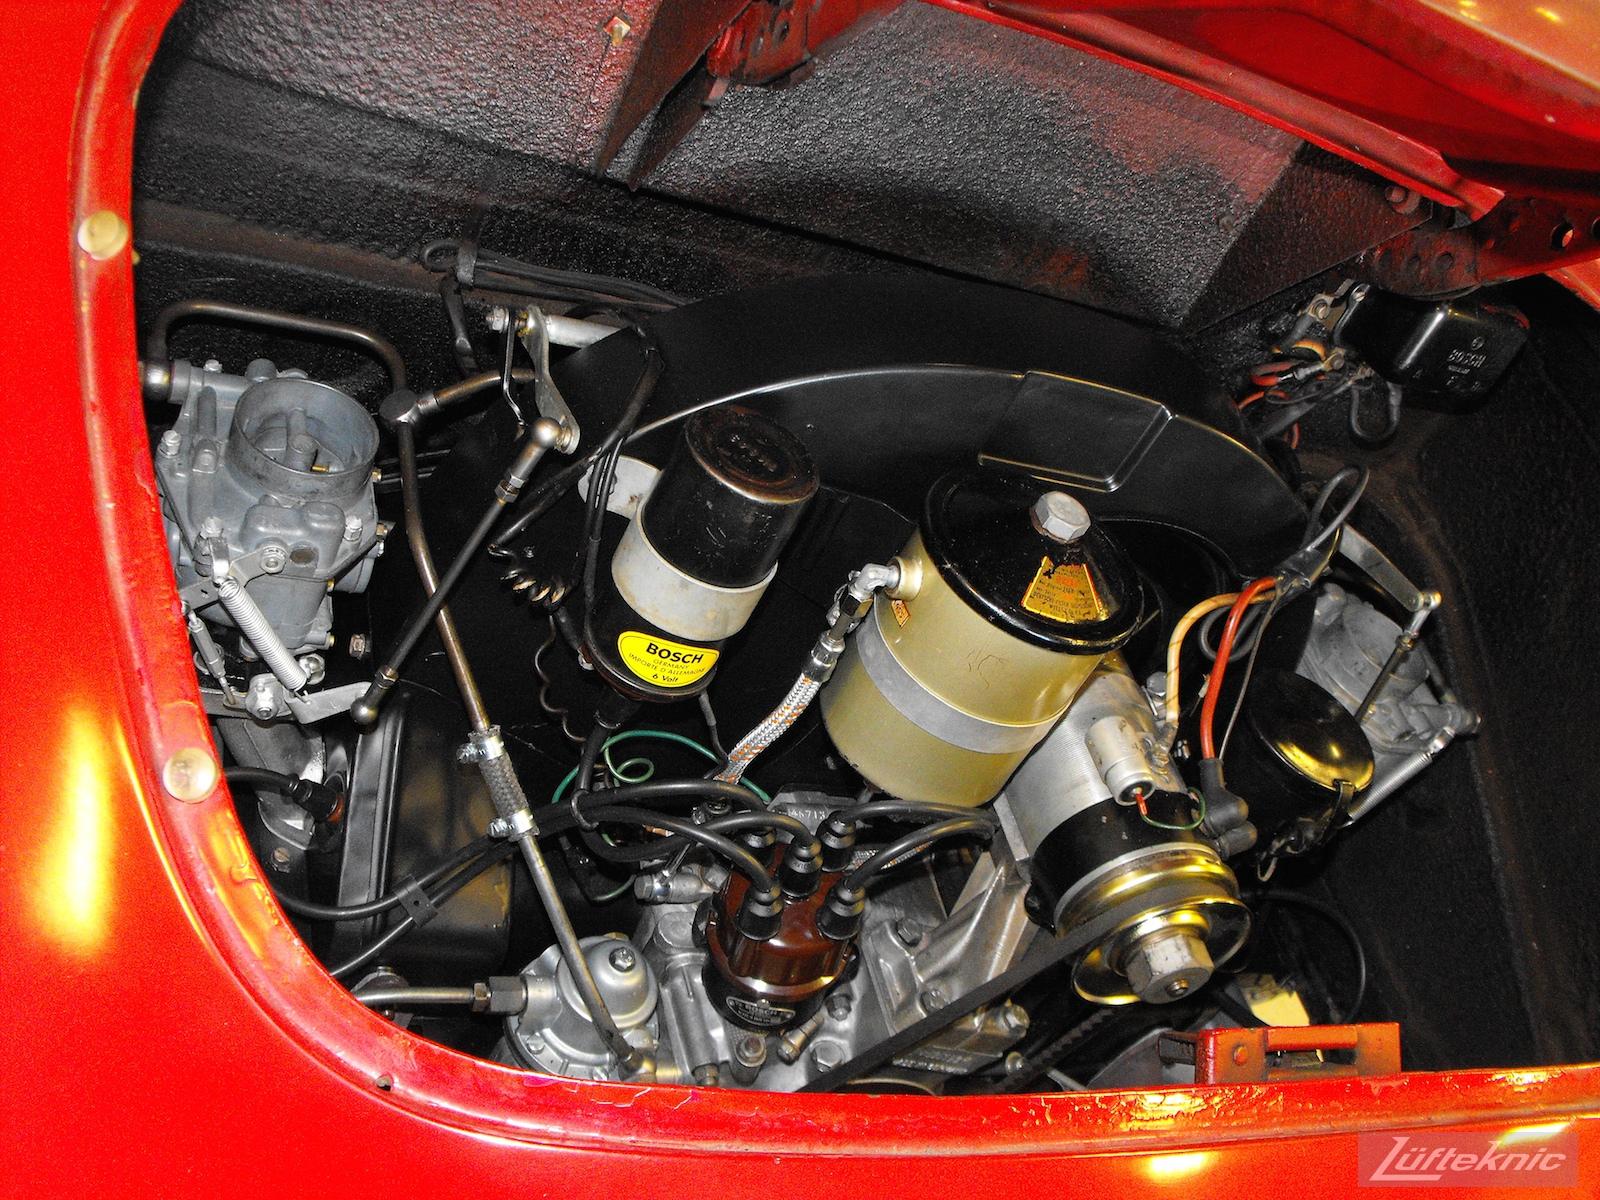 Rebuilt engine installed in a 1961 Porsche 356B Roadster restoration.